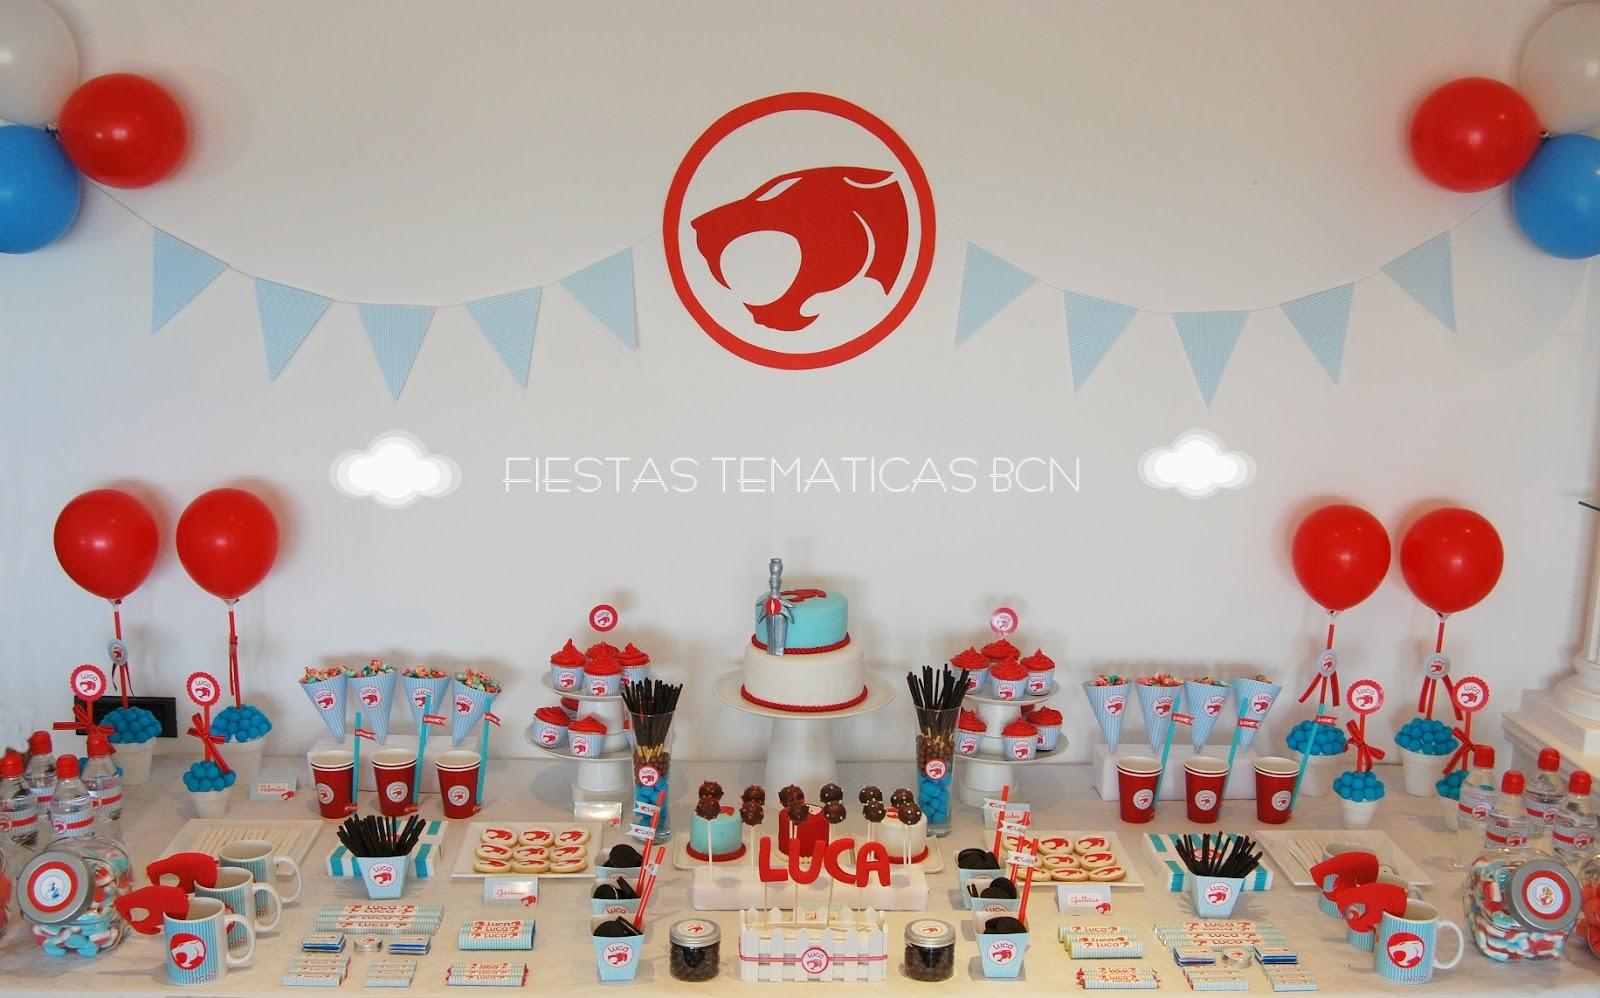 Fiestas Tematicas Bcn Kits De Fiesta Imprimibles Cumpleanos